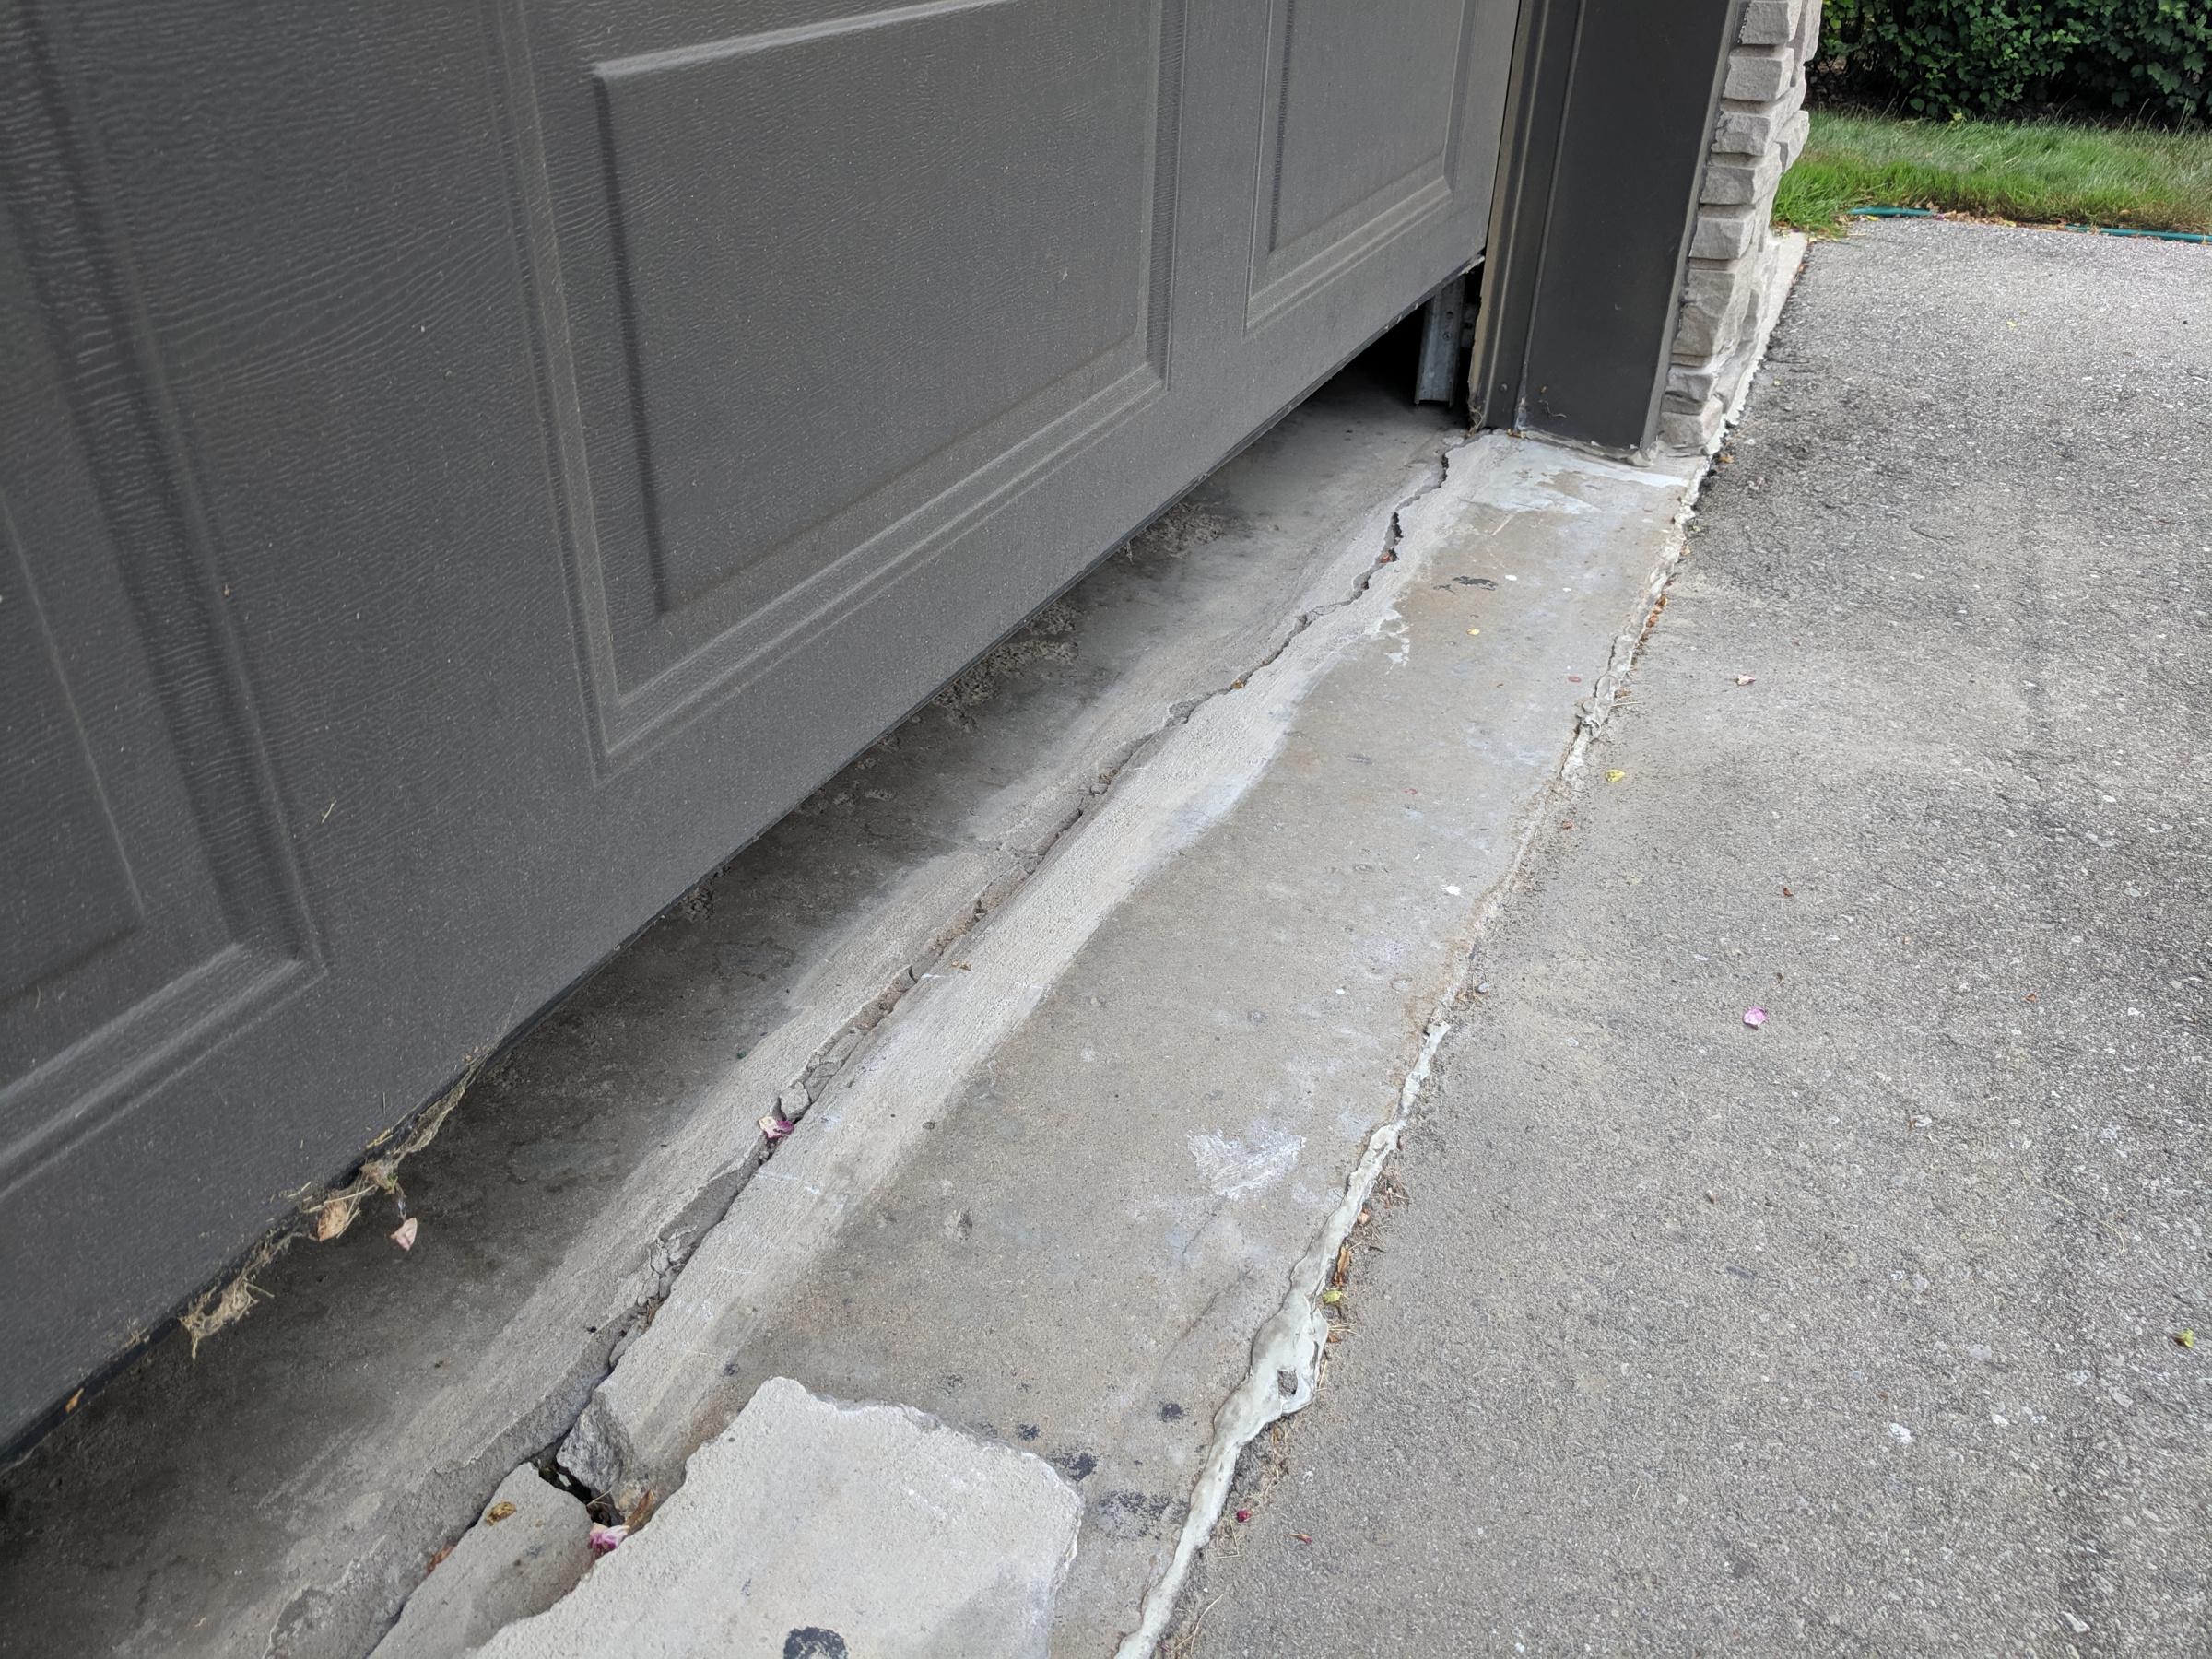 Repair Garage Threshold & Posts-img_20190713_163418.jpg